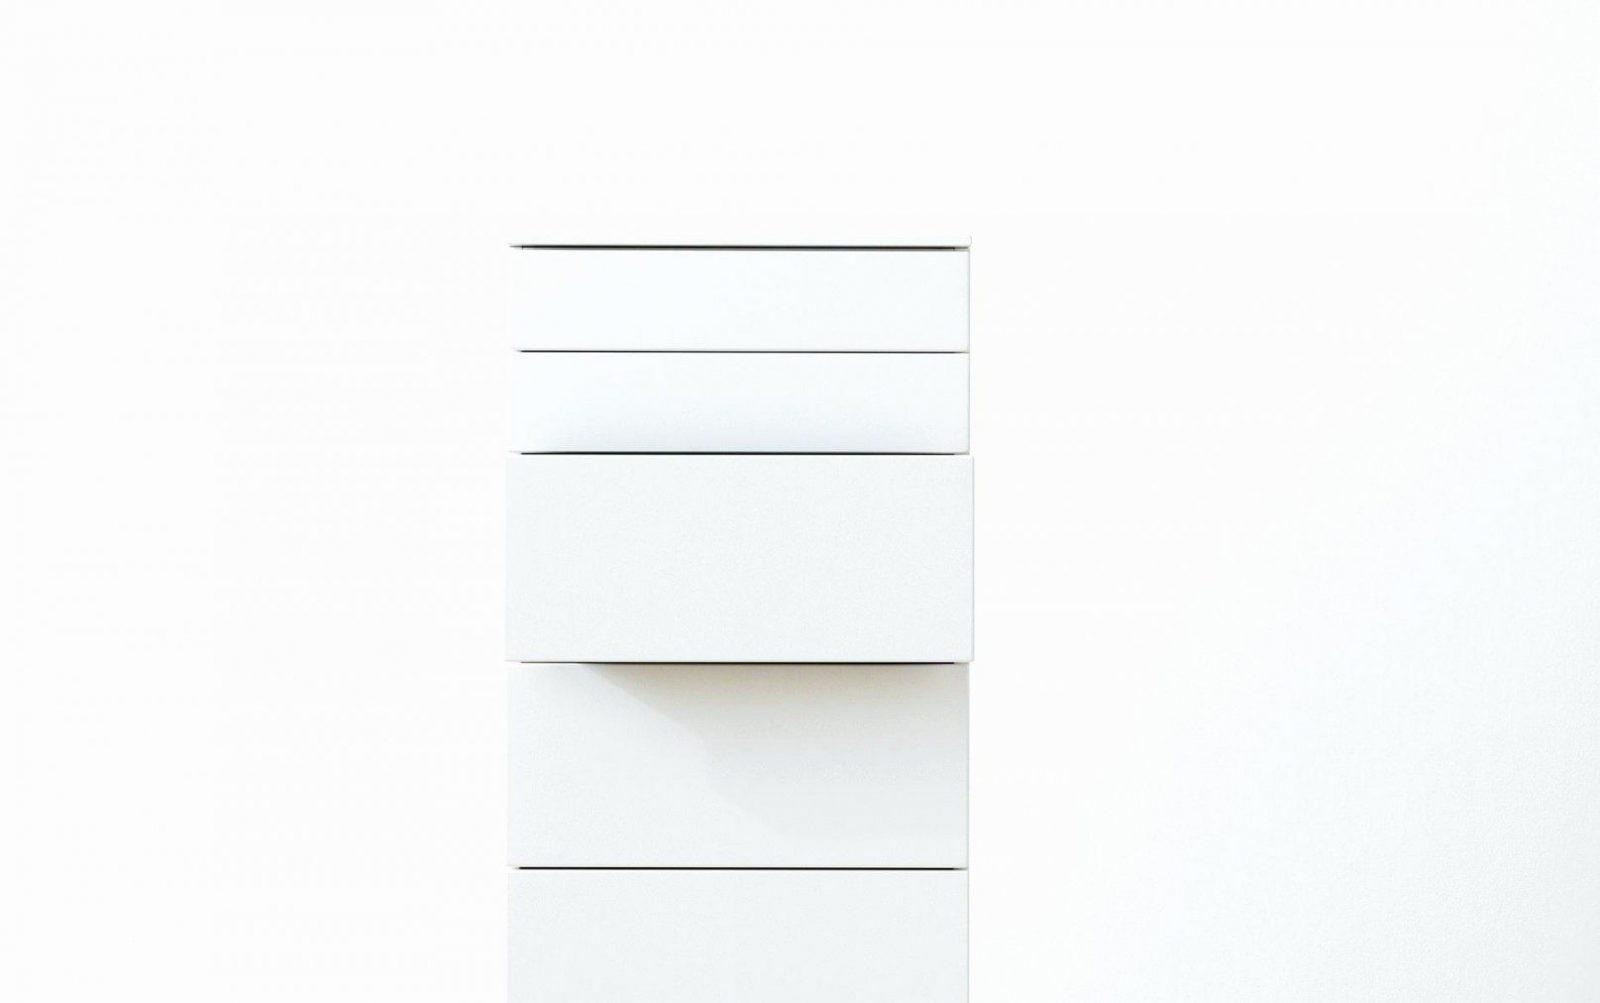 Bad hochschrank 20 cm tief haus design ideen - Badezimmerschrank 20 cm tief ...